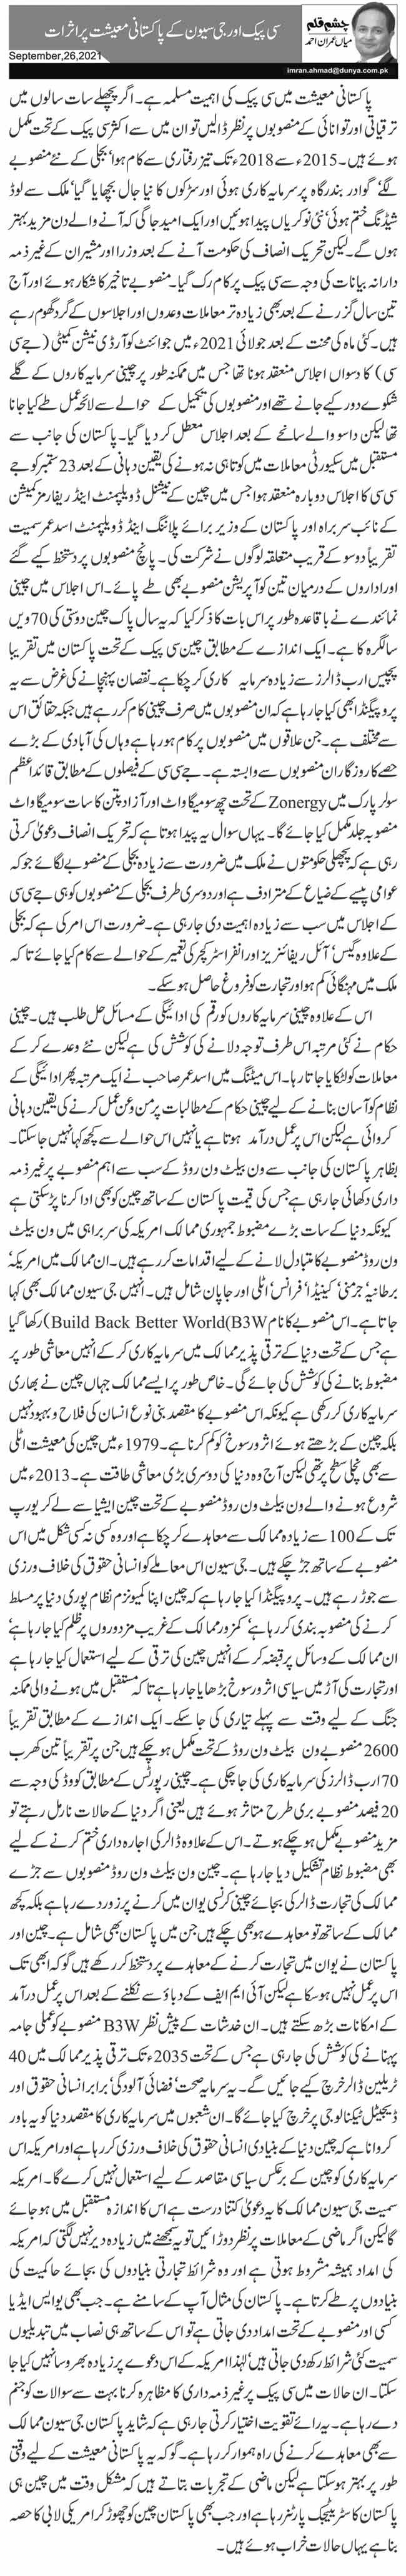 سی پیک اور جی سیون کے پاکستانی معیشت پر اثرات